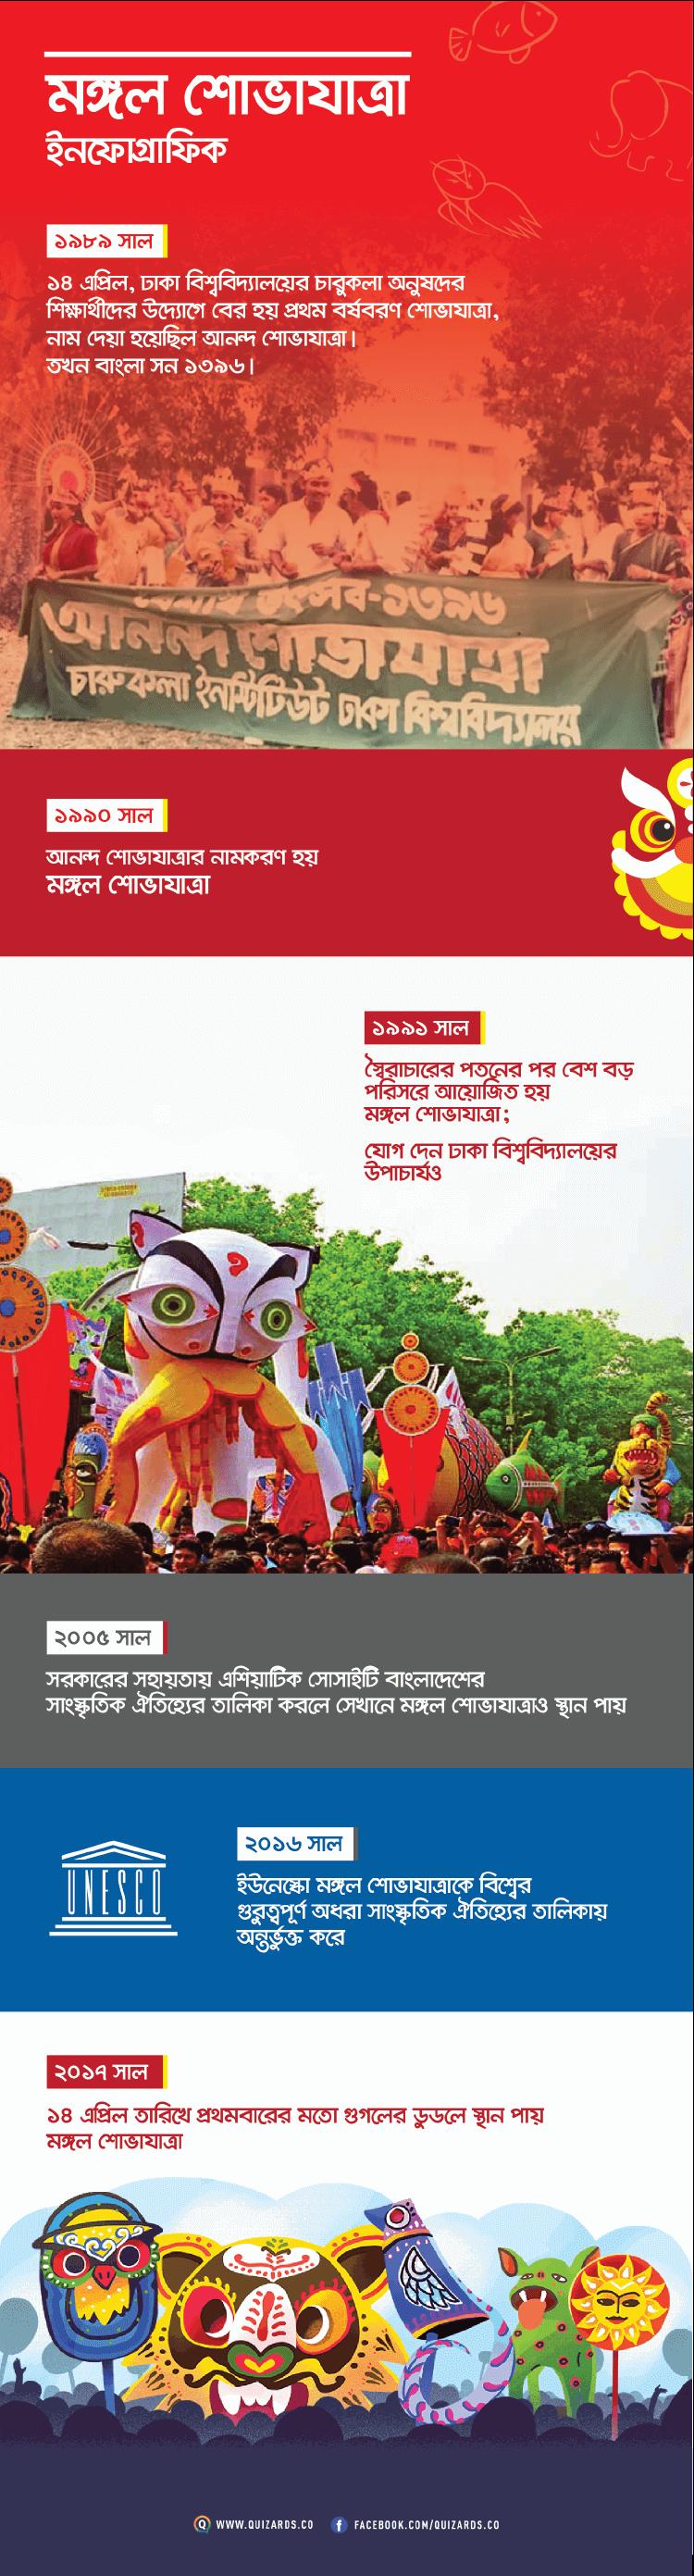 মঙ্গল শোভাযাত্রা: বাংলা নববর্ষ বিশেষ ইনফোগ্রাফিক - কুইজার্ডস (Quizards)